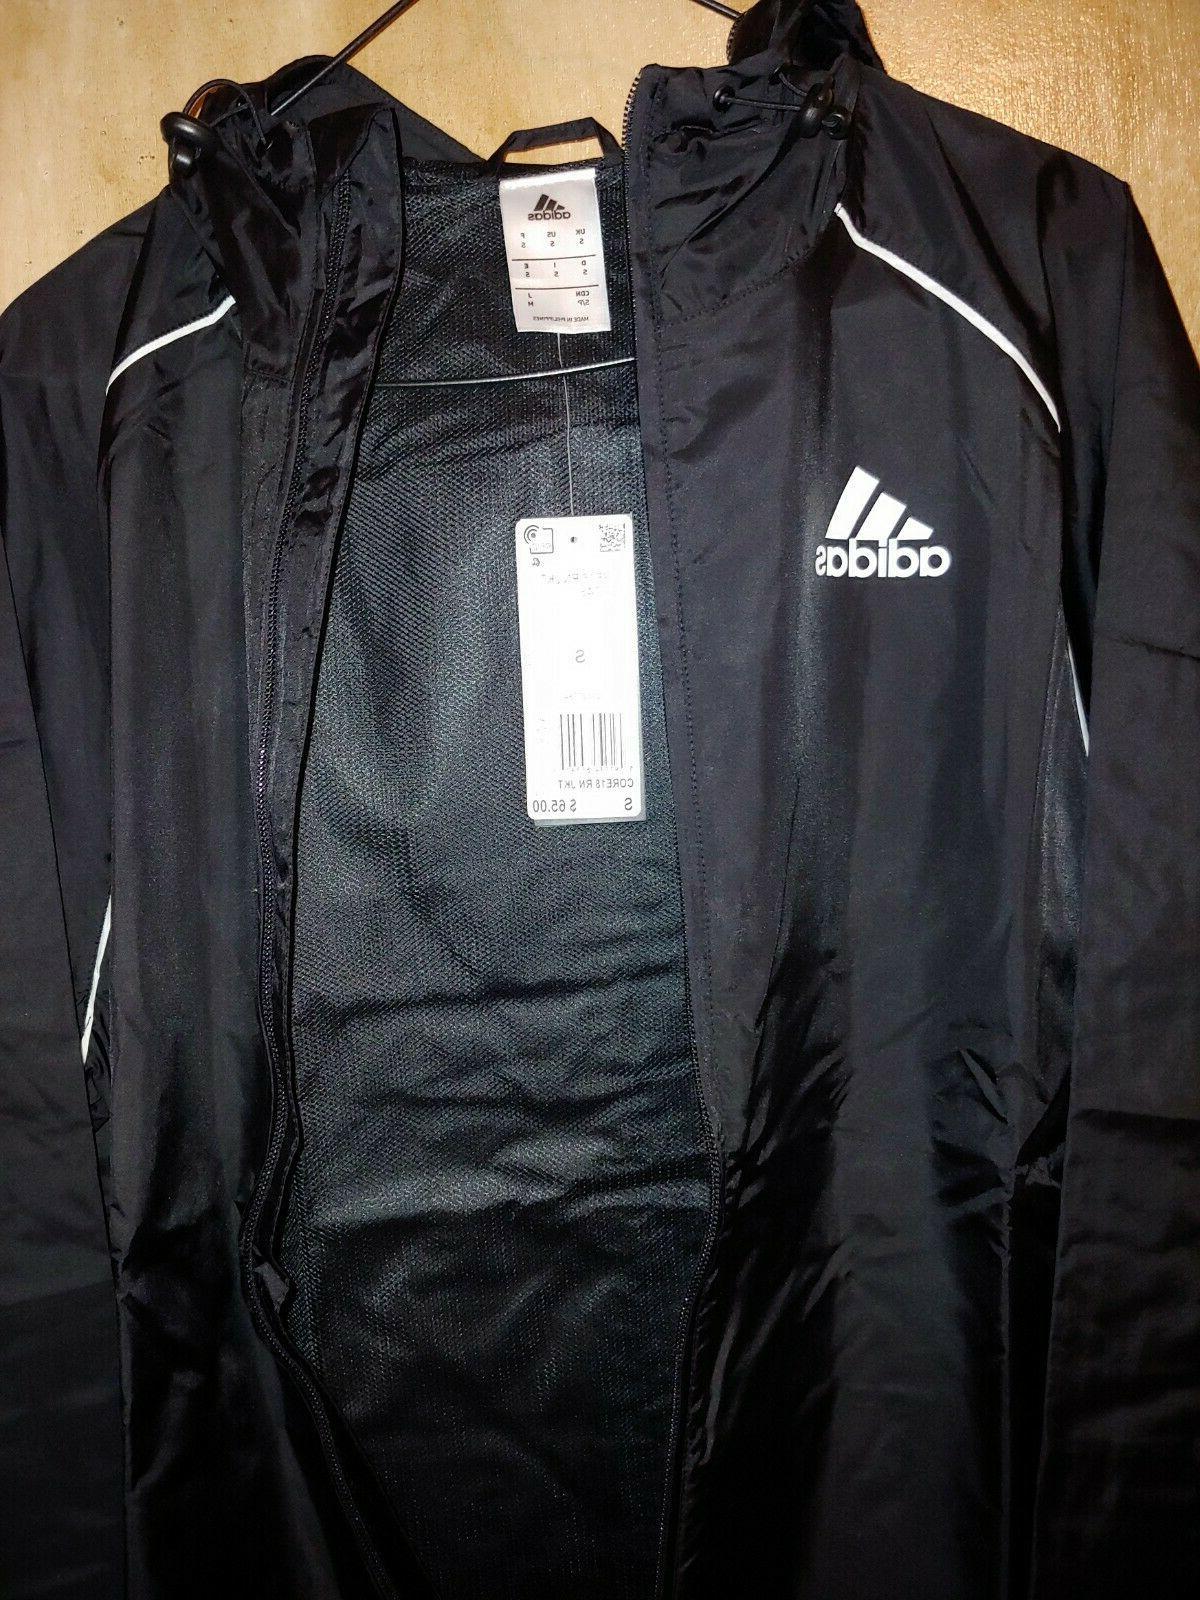 Adidas Rain Jacket Size